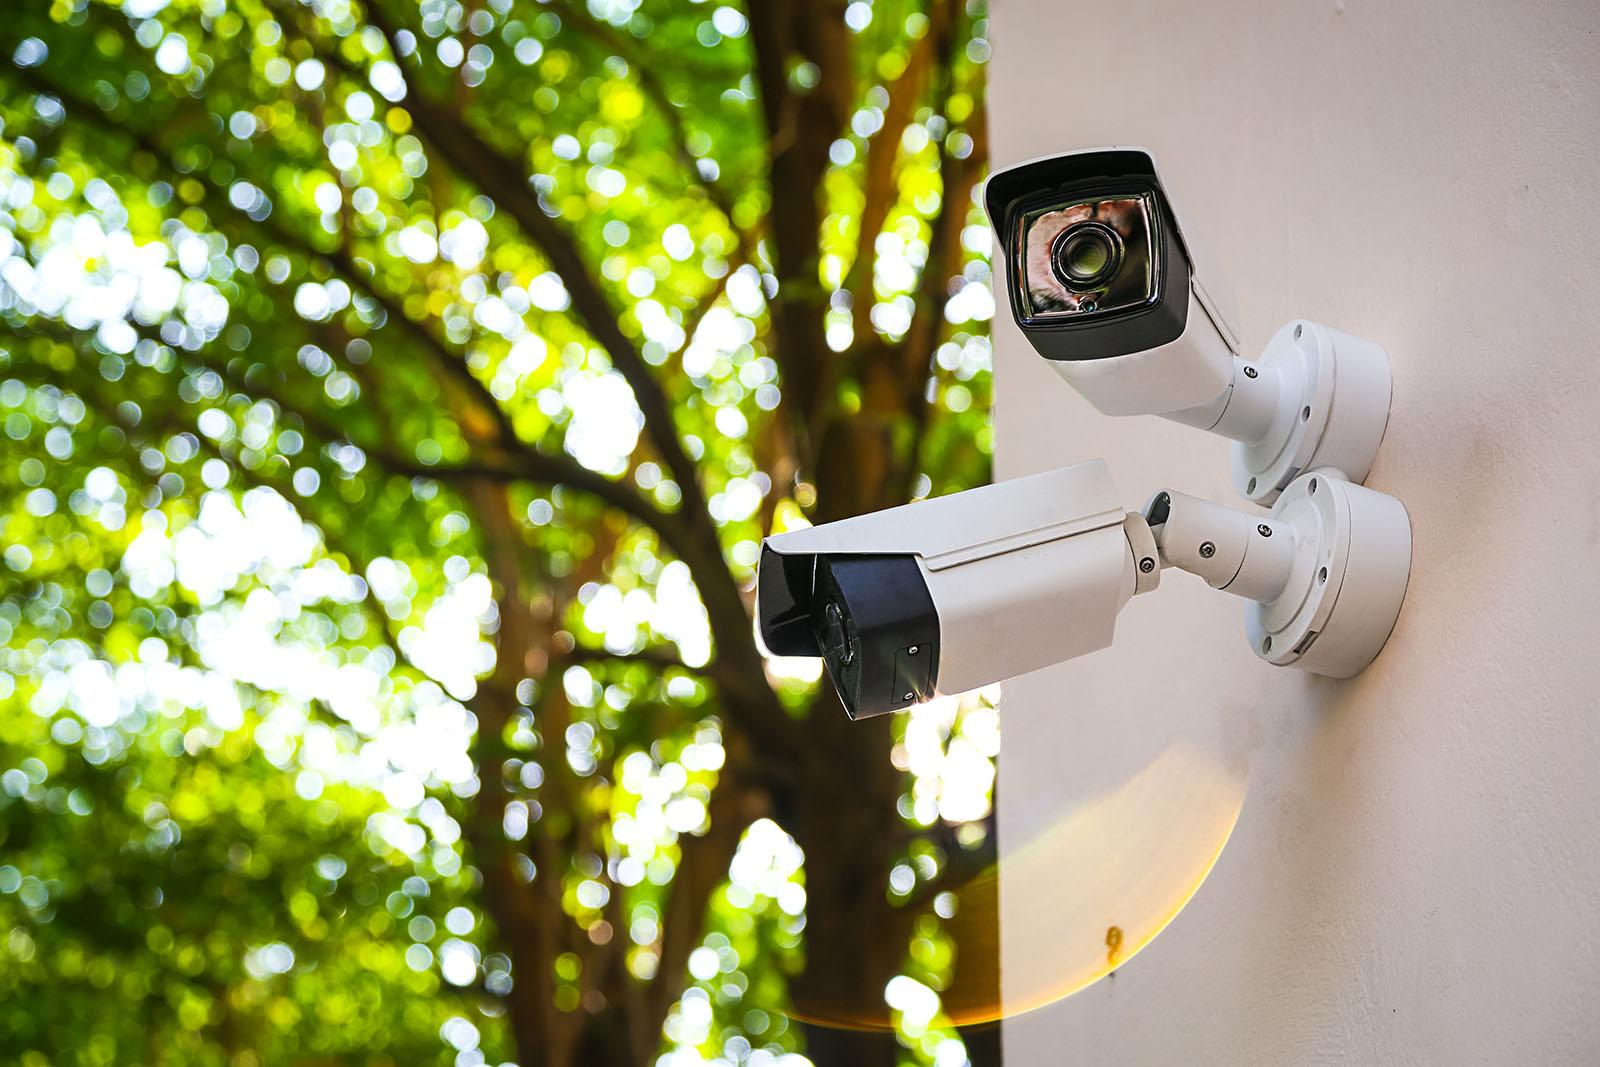 Tack vare vår många år i branschen kan vi leverera högkvalitativa lösningar och tjänster inom allt vad gäller säkerhetsteknik, med fokus på CCTV i Karlstad.